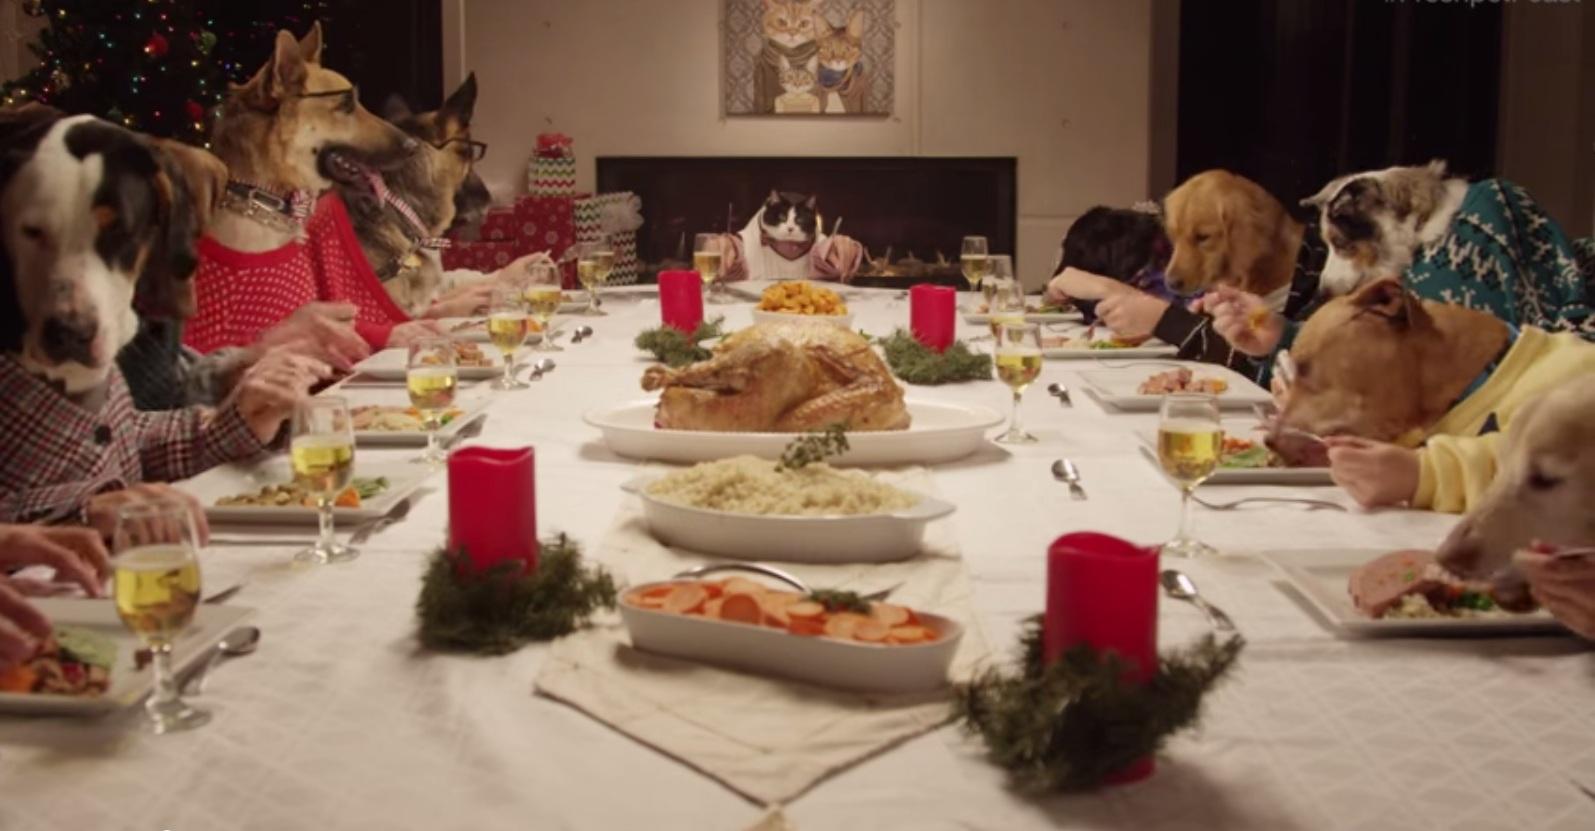 VIDEO: La última cena de 13 perros y un gato que se vuelve viral en Internet